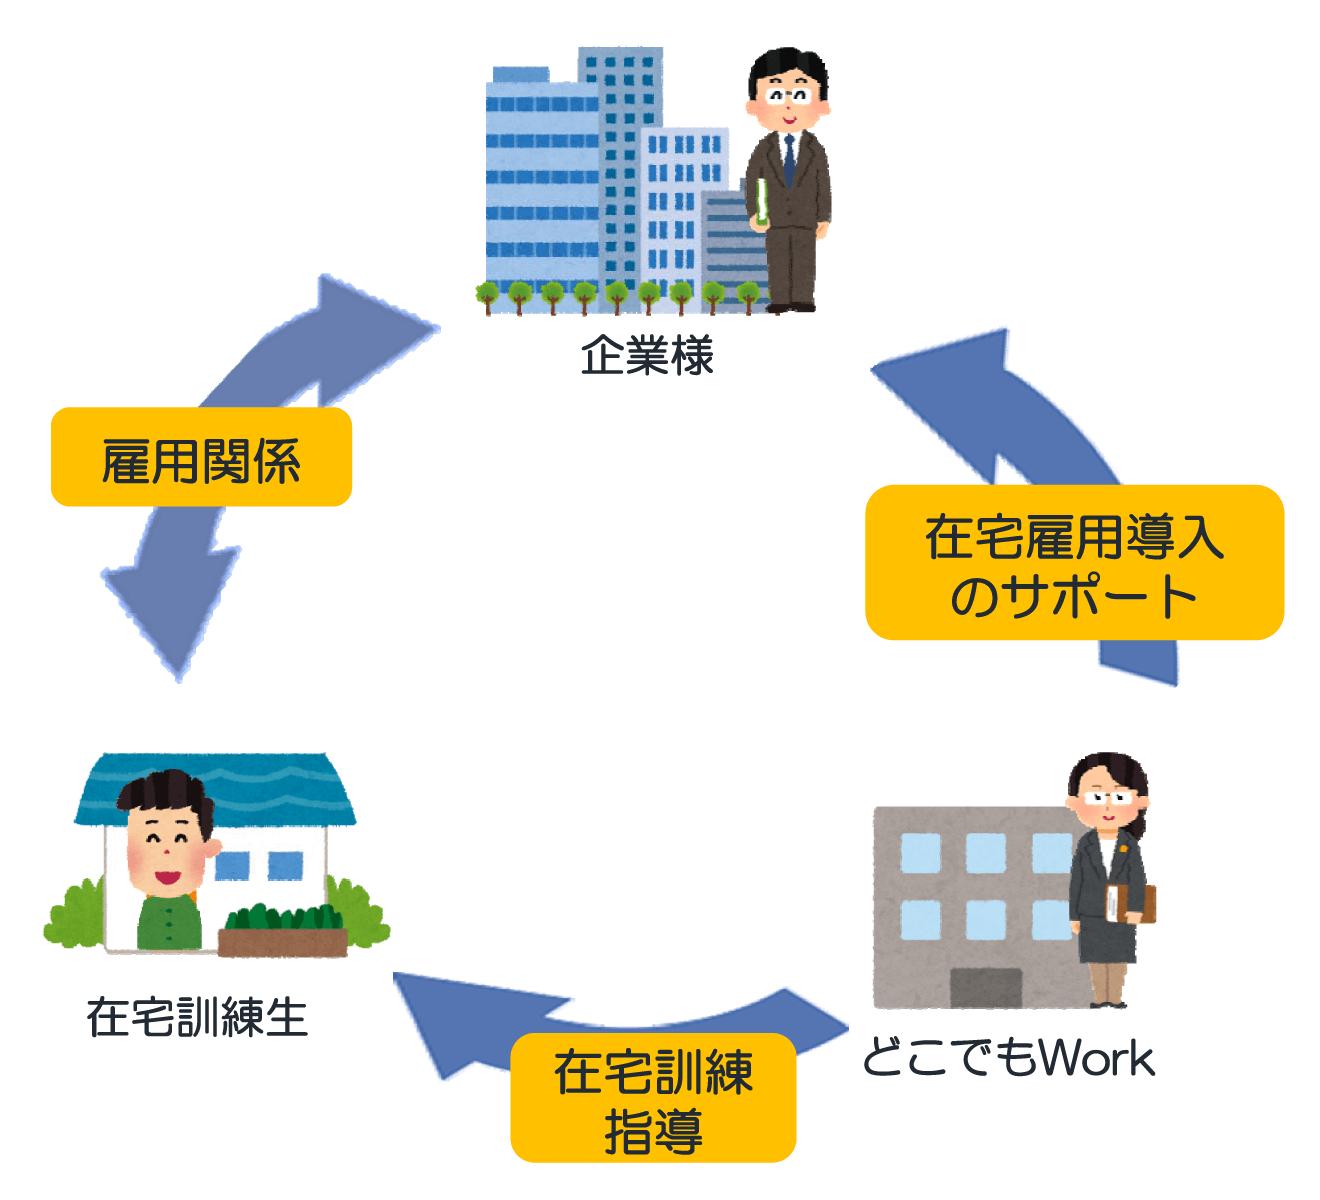 企業様と在宅訓練生の雇用関係。どこでもWorkから企業様へ在宅雇用のサポート。どこでもWorkから在宅訓練生へ在宅訓練指導。